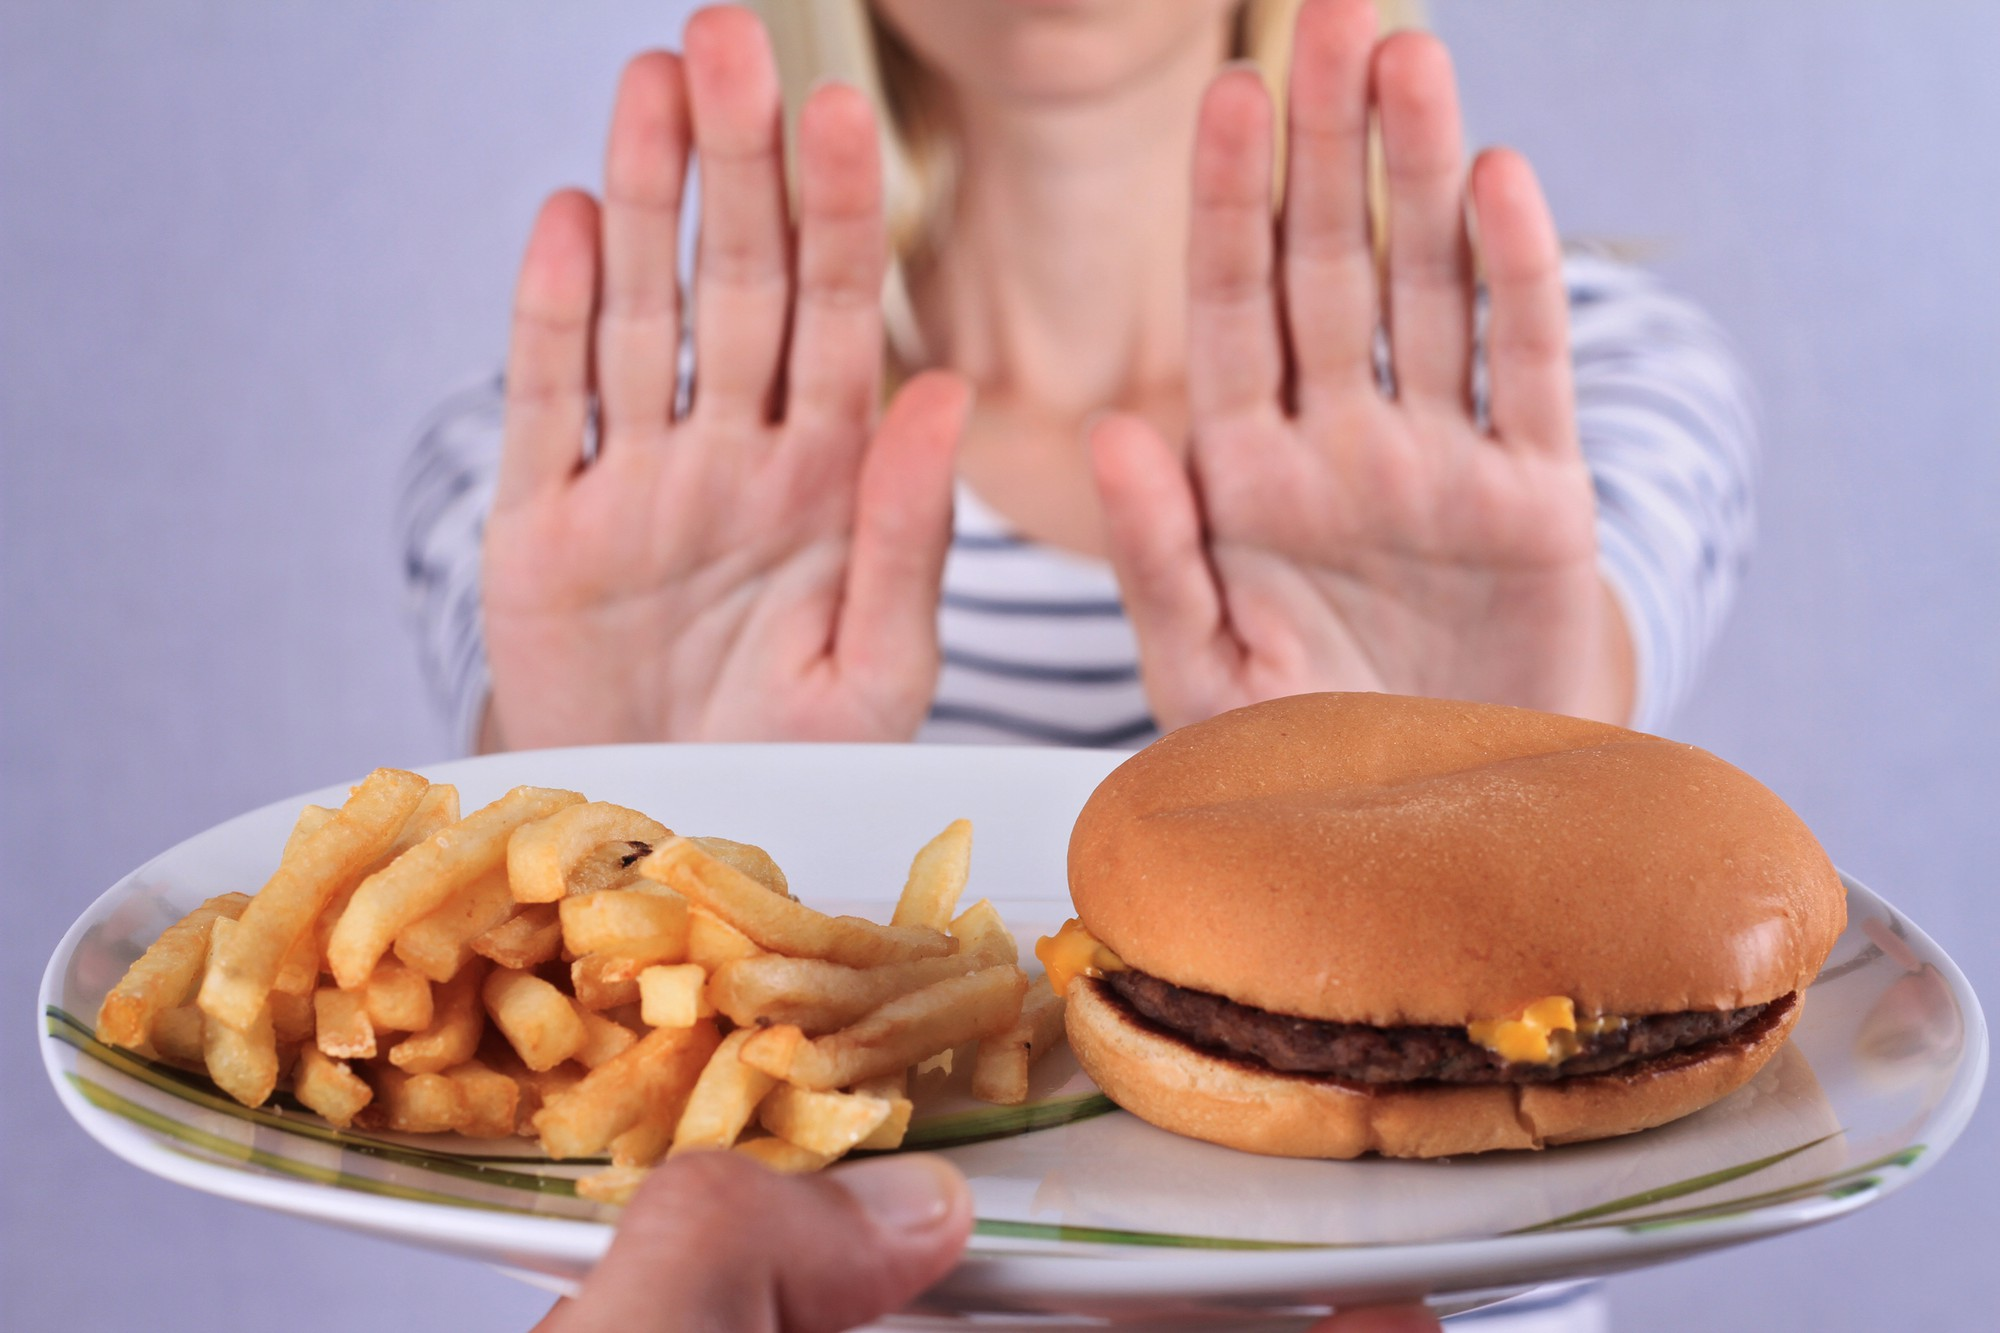 Image result for mệt mỏi khiến ăn nhiều hơn